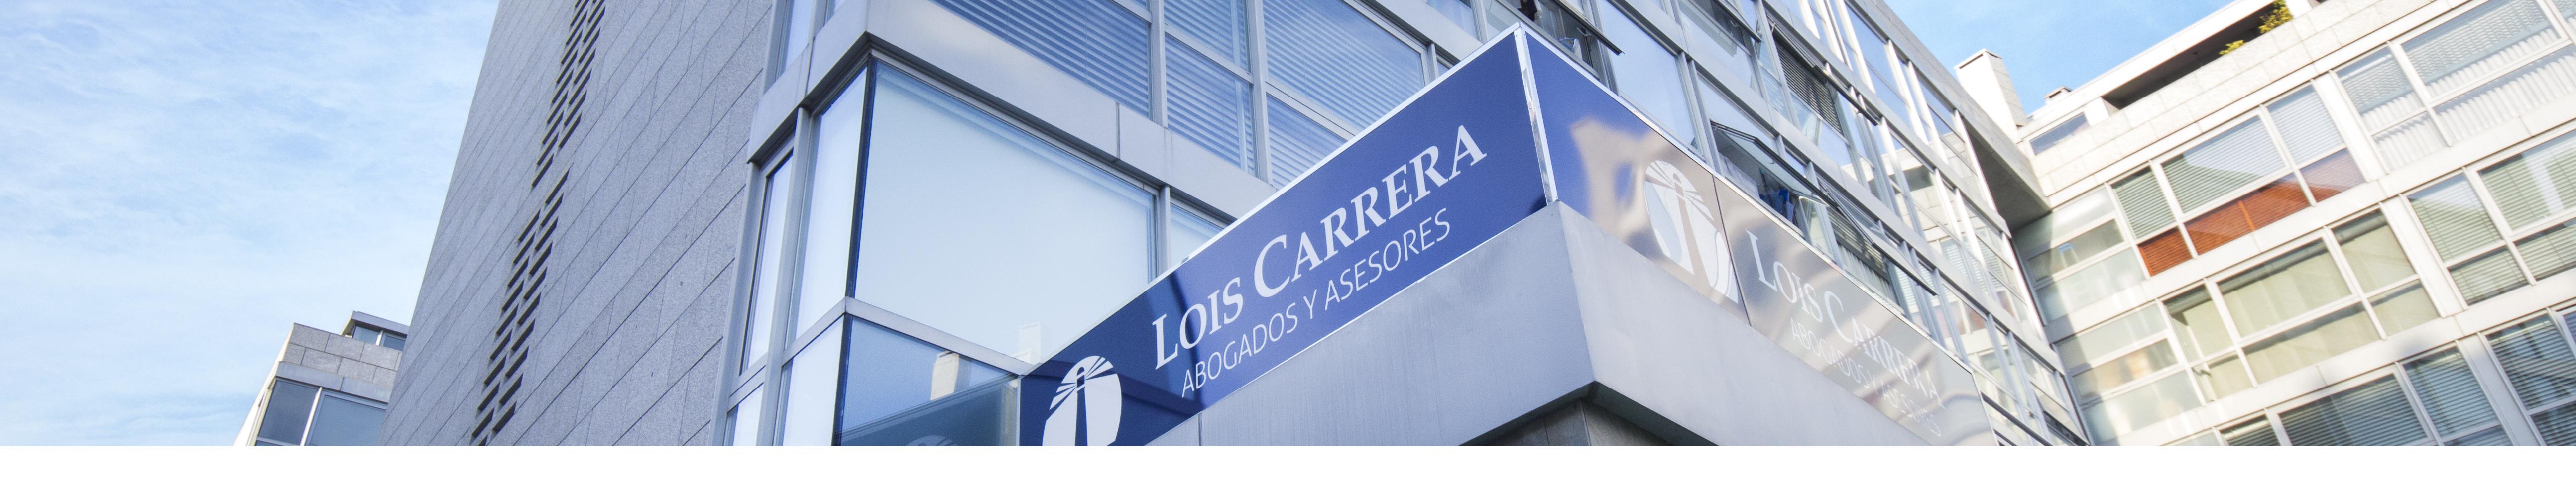 Diario de guerra coronavirus Asesoría empresas pontevedra fiscal contable cangas vigo vilagarcía